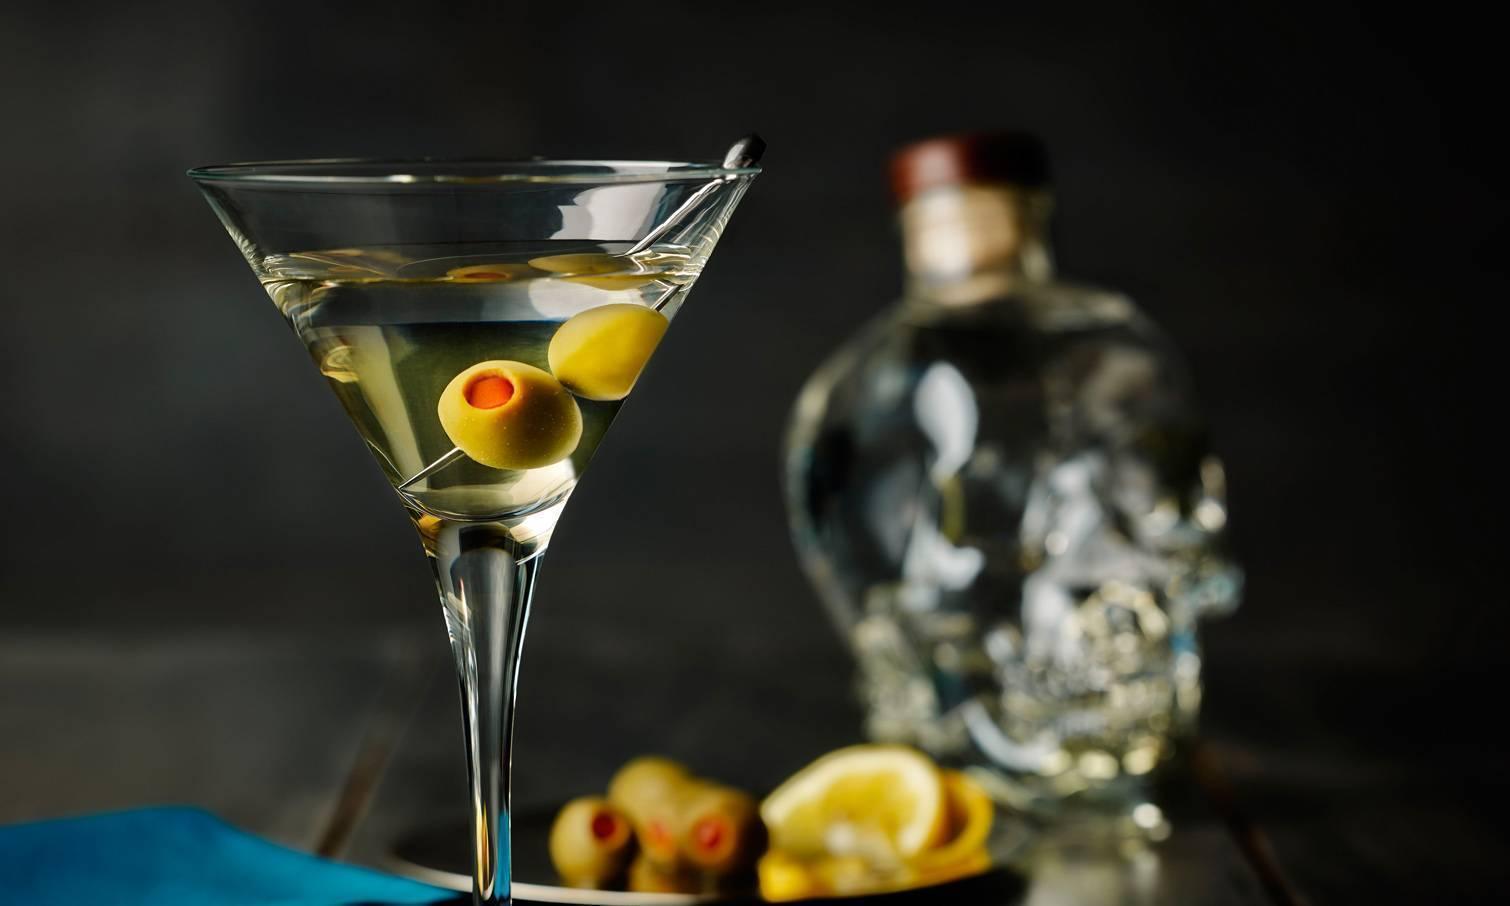 Как правильно пить все ликеры? культура употребления ликеров